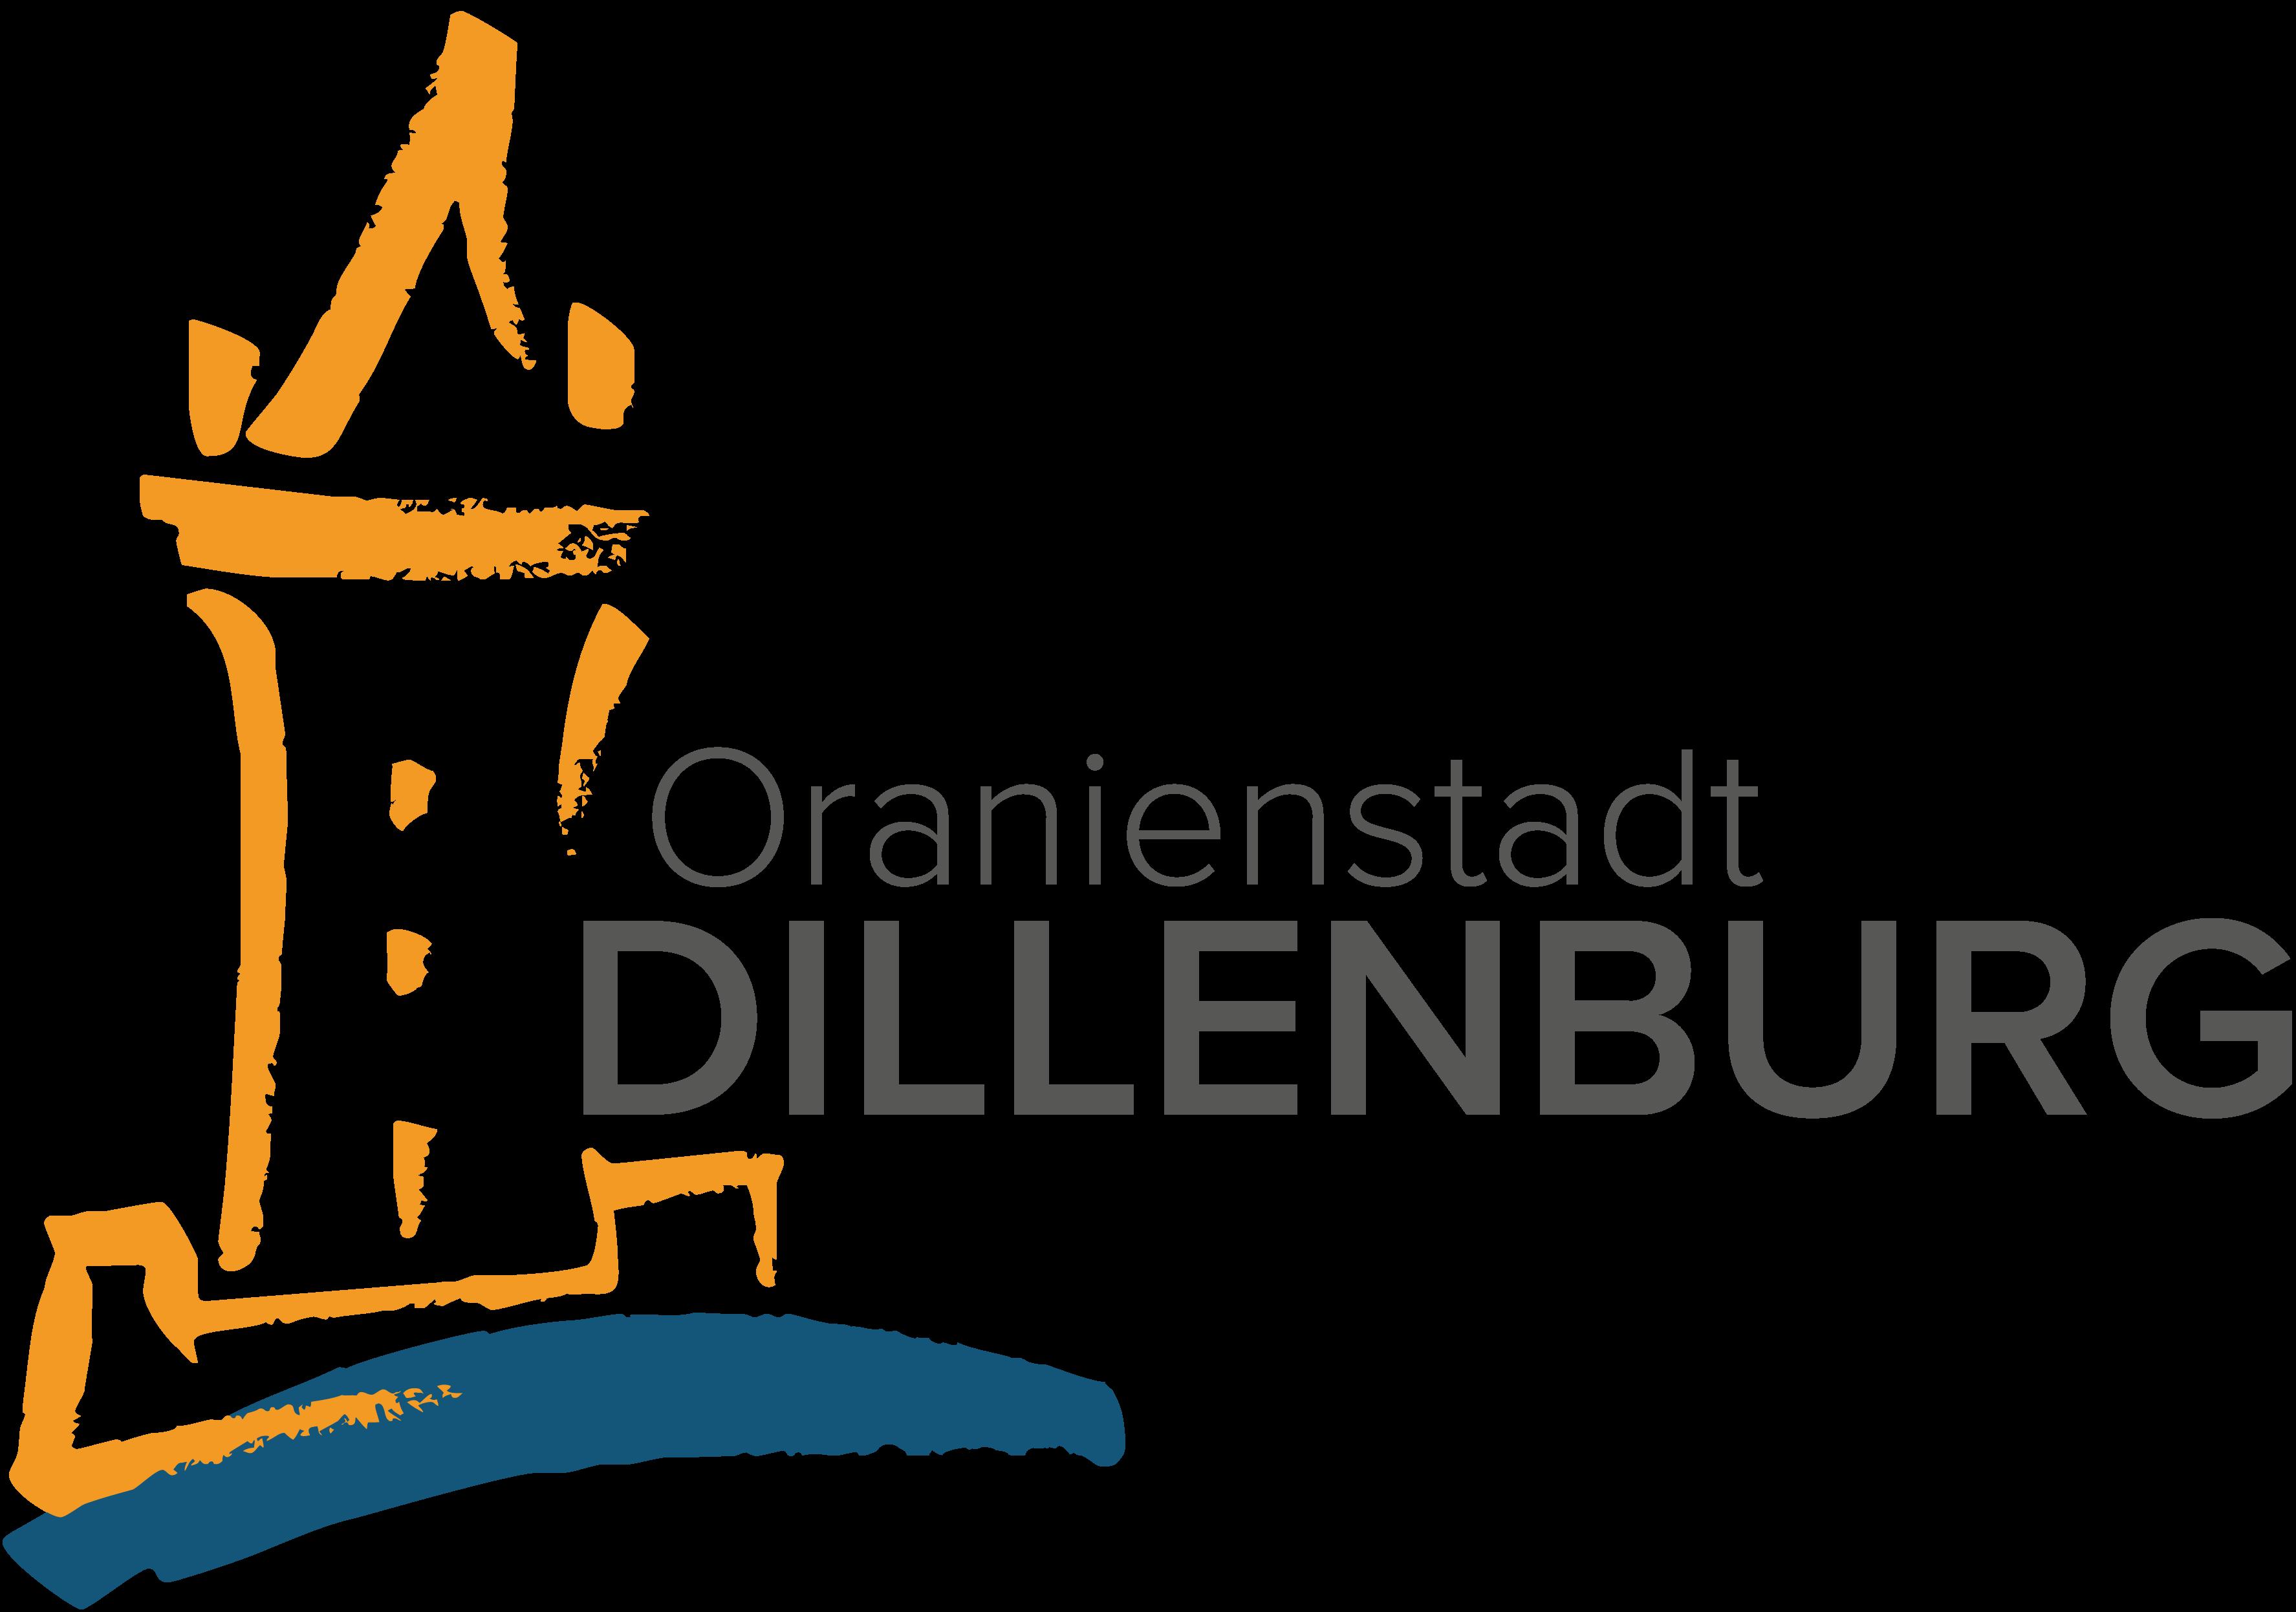 Oranienstadt Dillenburg